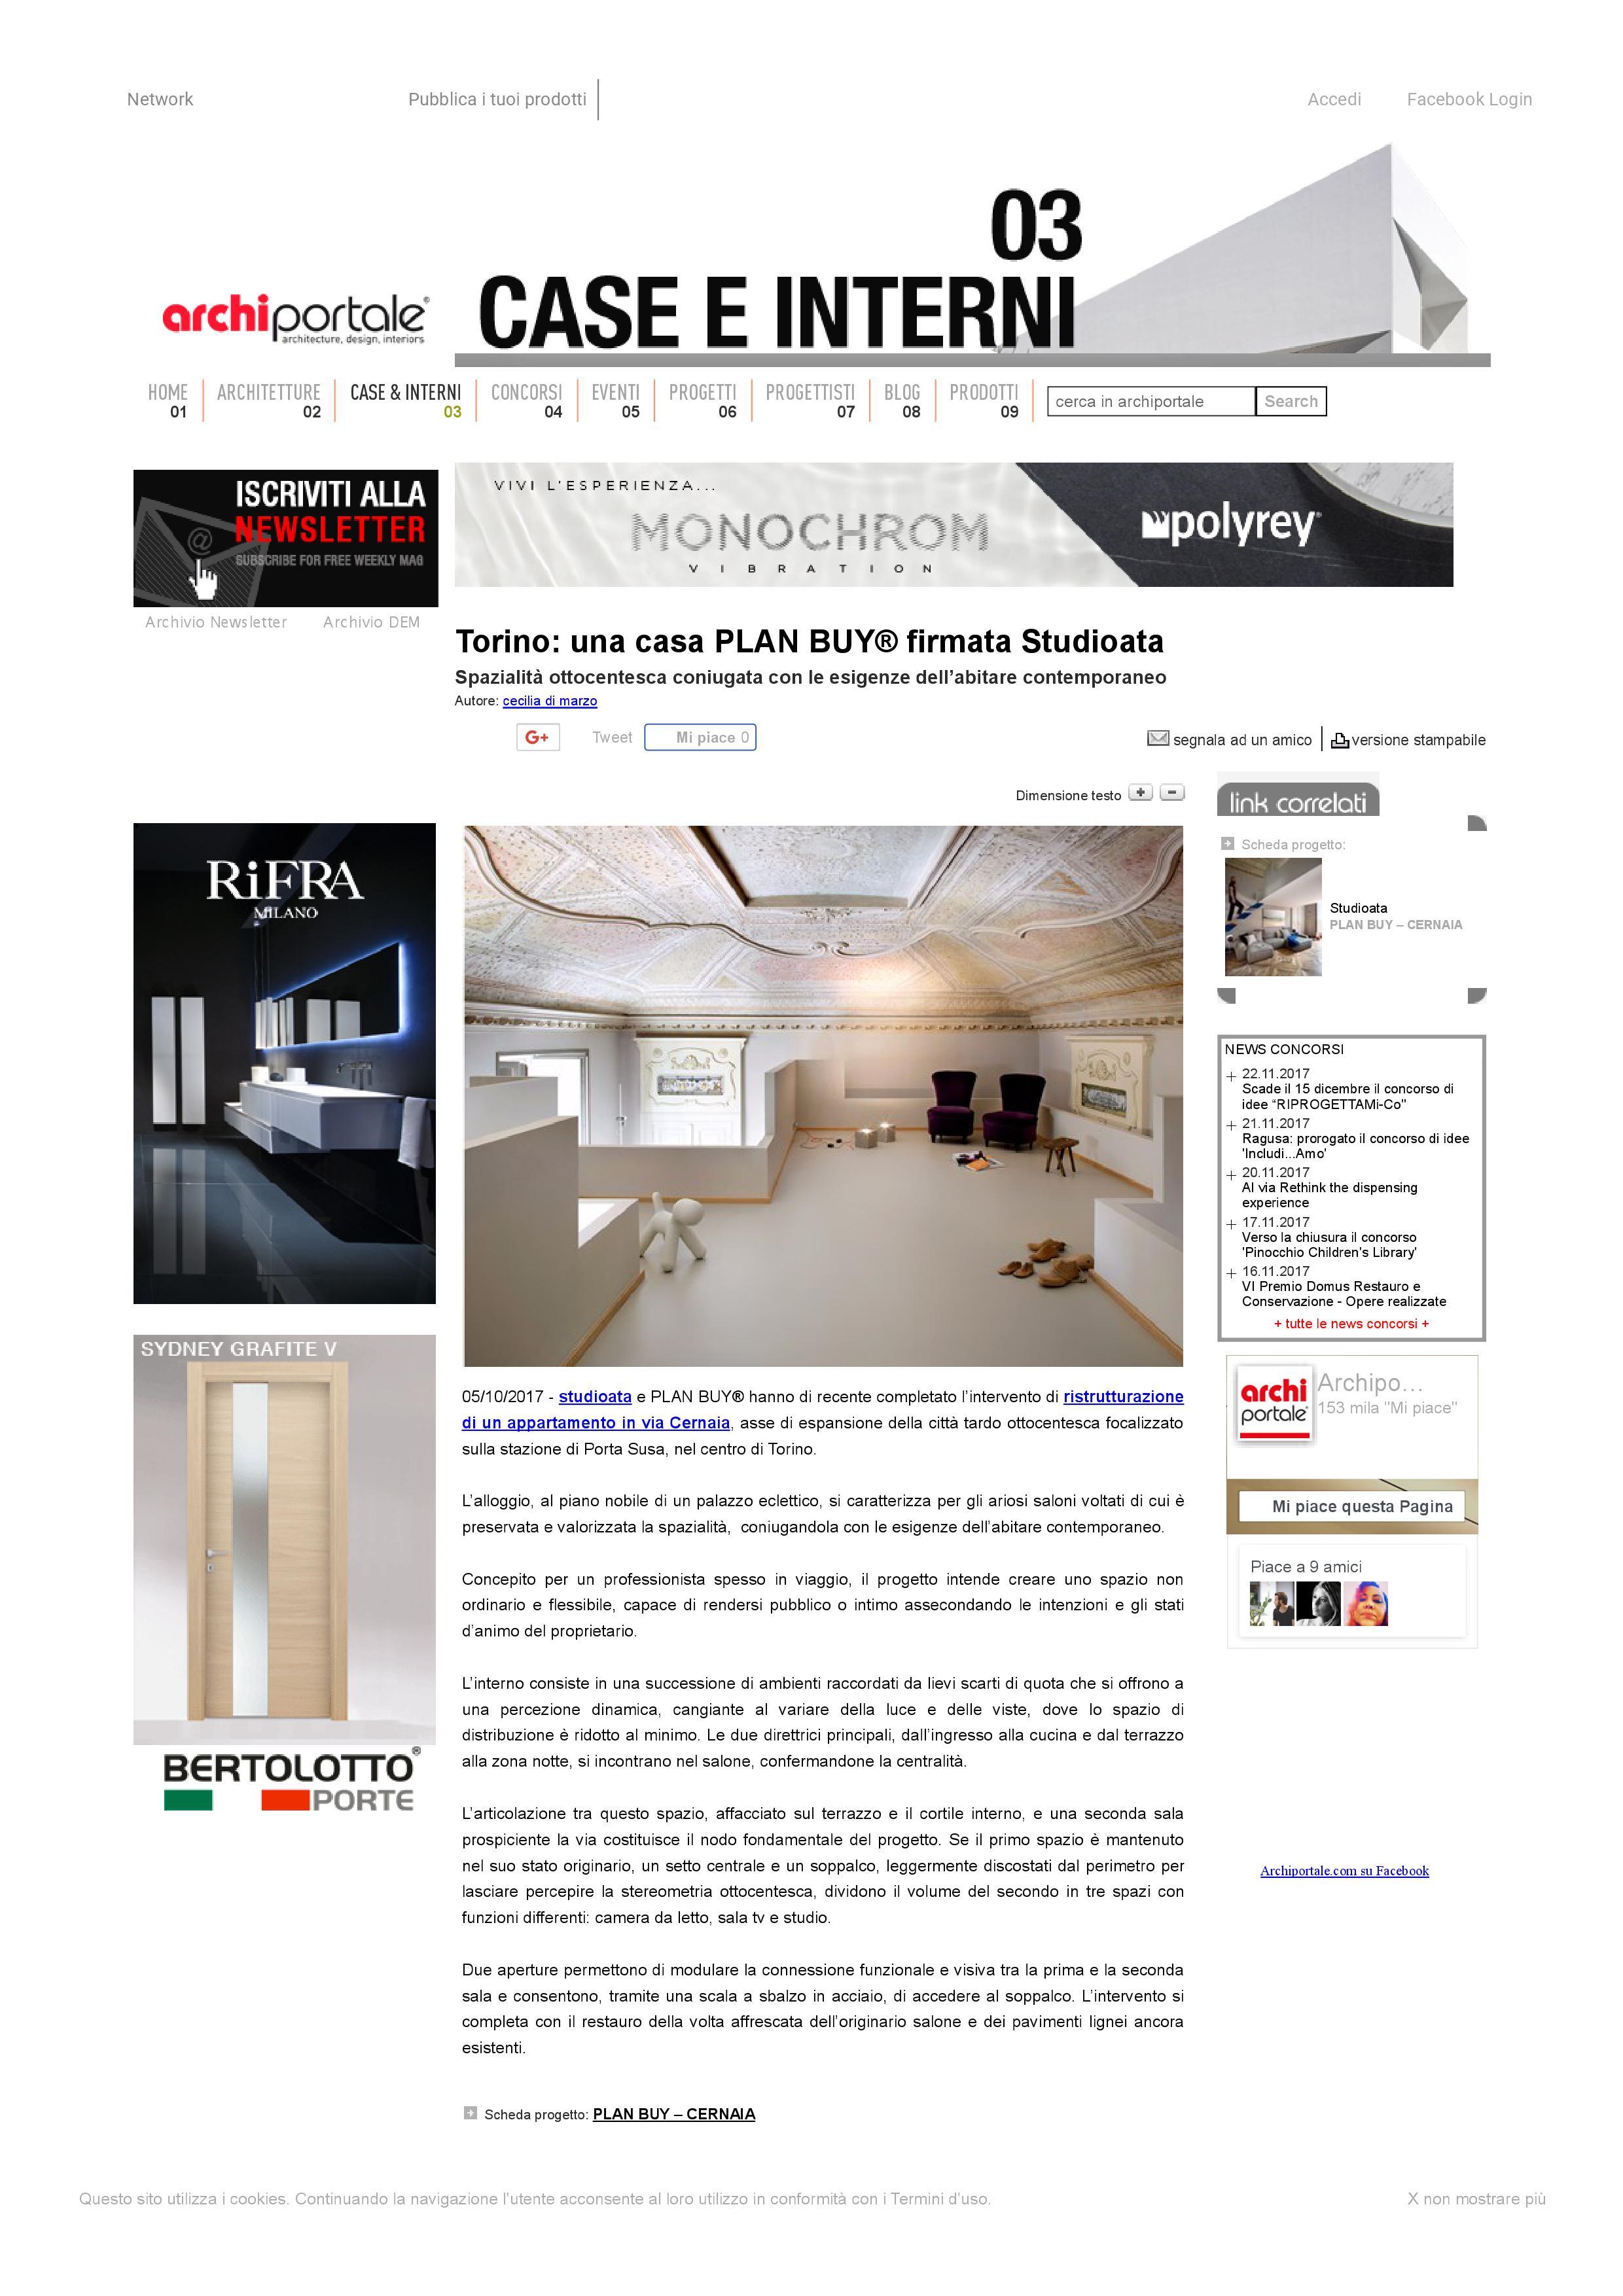 ARCHIPORTALE - Il portale dell'architettura -